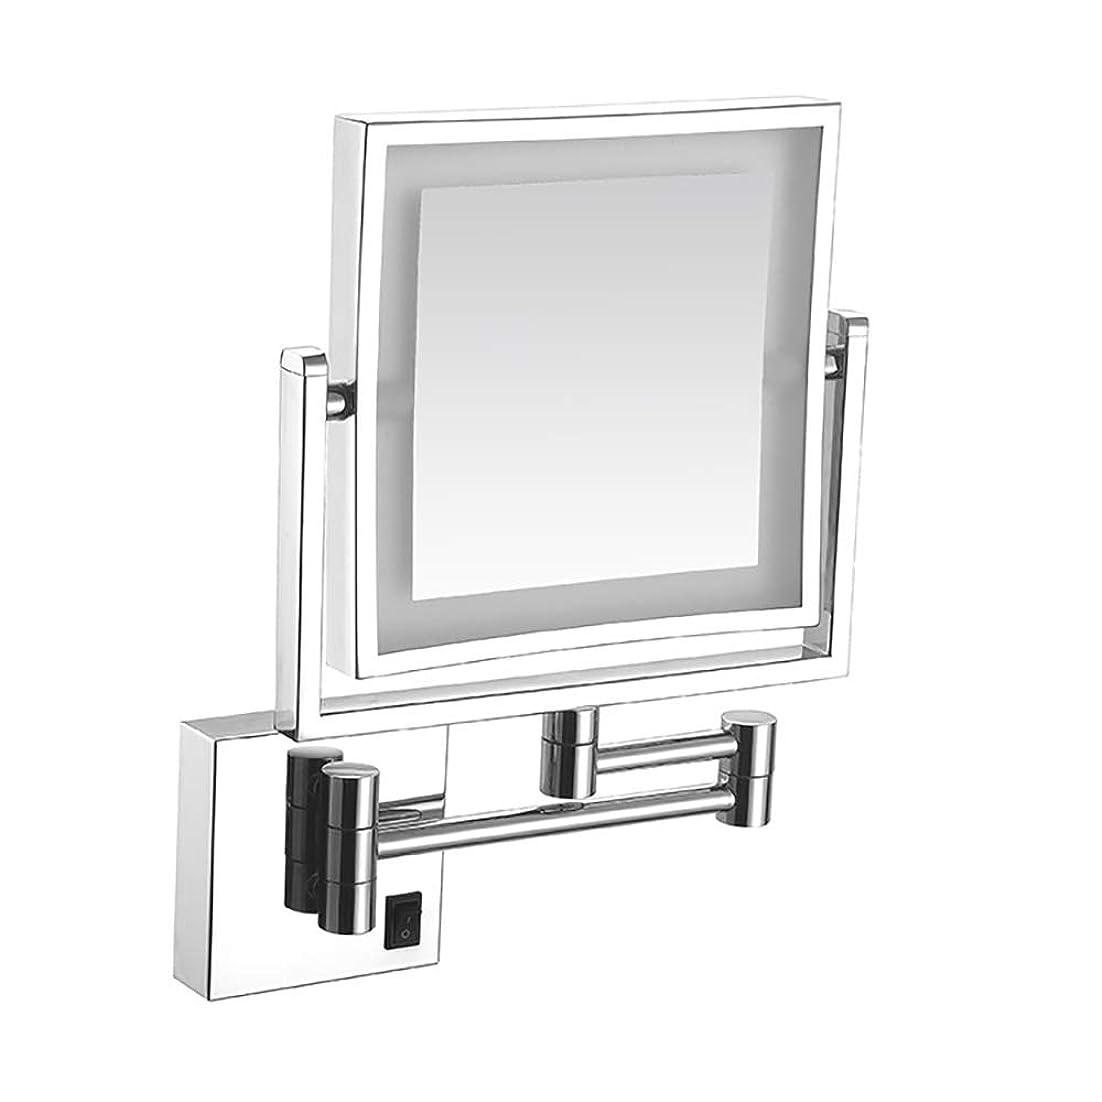 夜間人脚照明付き化粧鏡、倍率1倍/ 3倍、180度回転両面照明付き化粧鏡